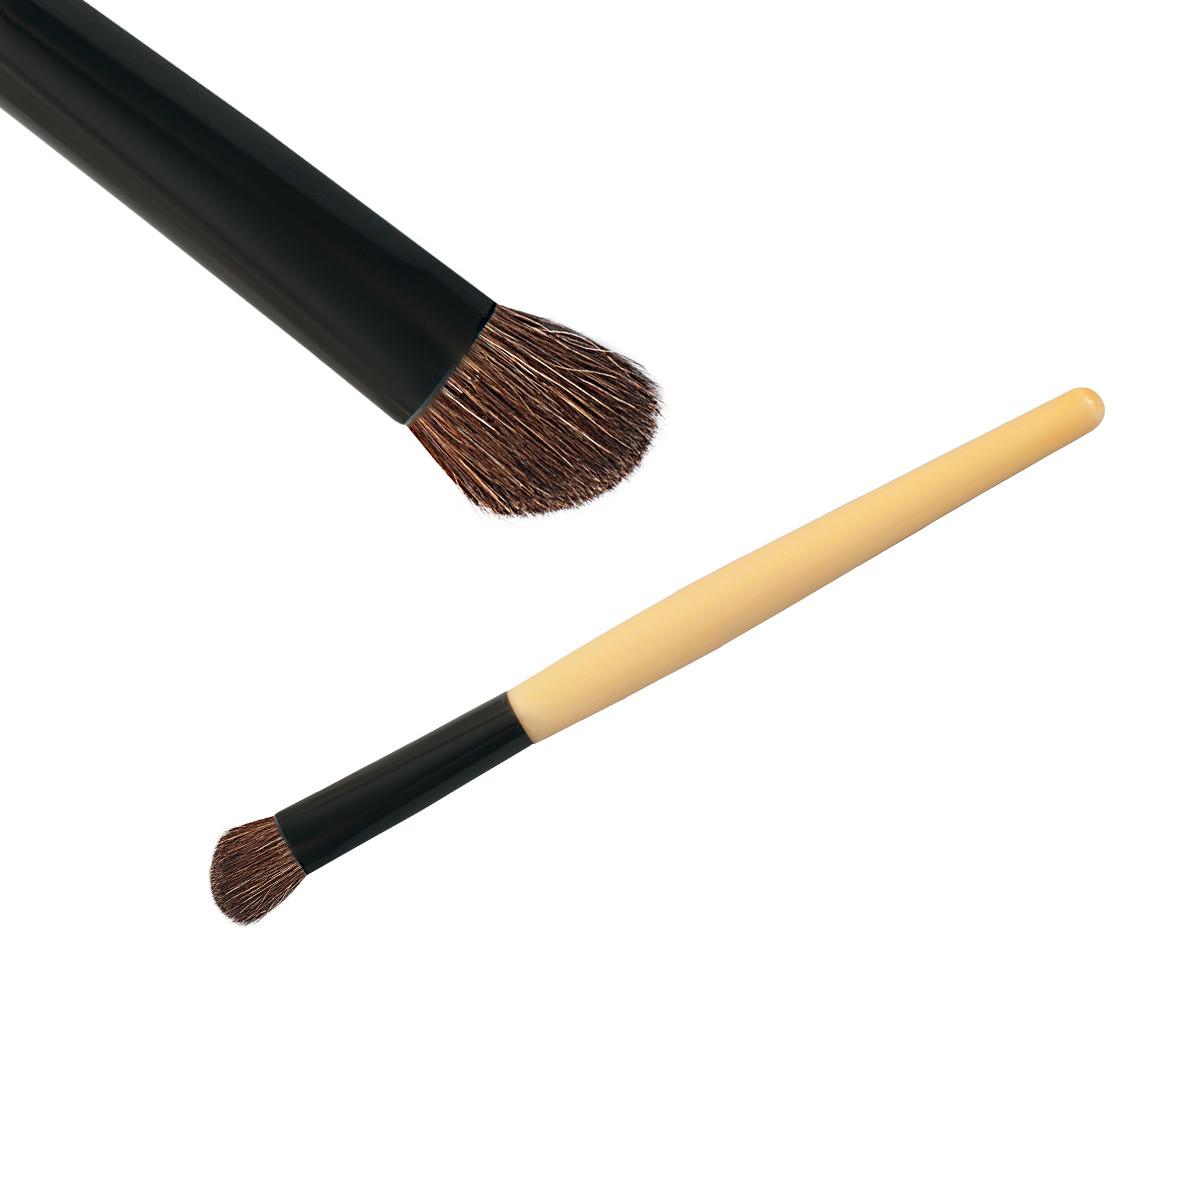 Кисть косая для растушевки теней MK12, 1 шт